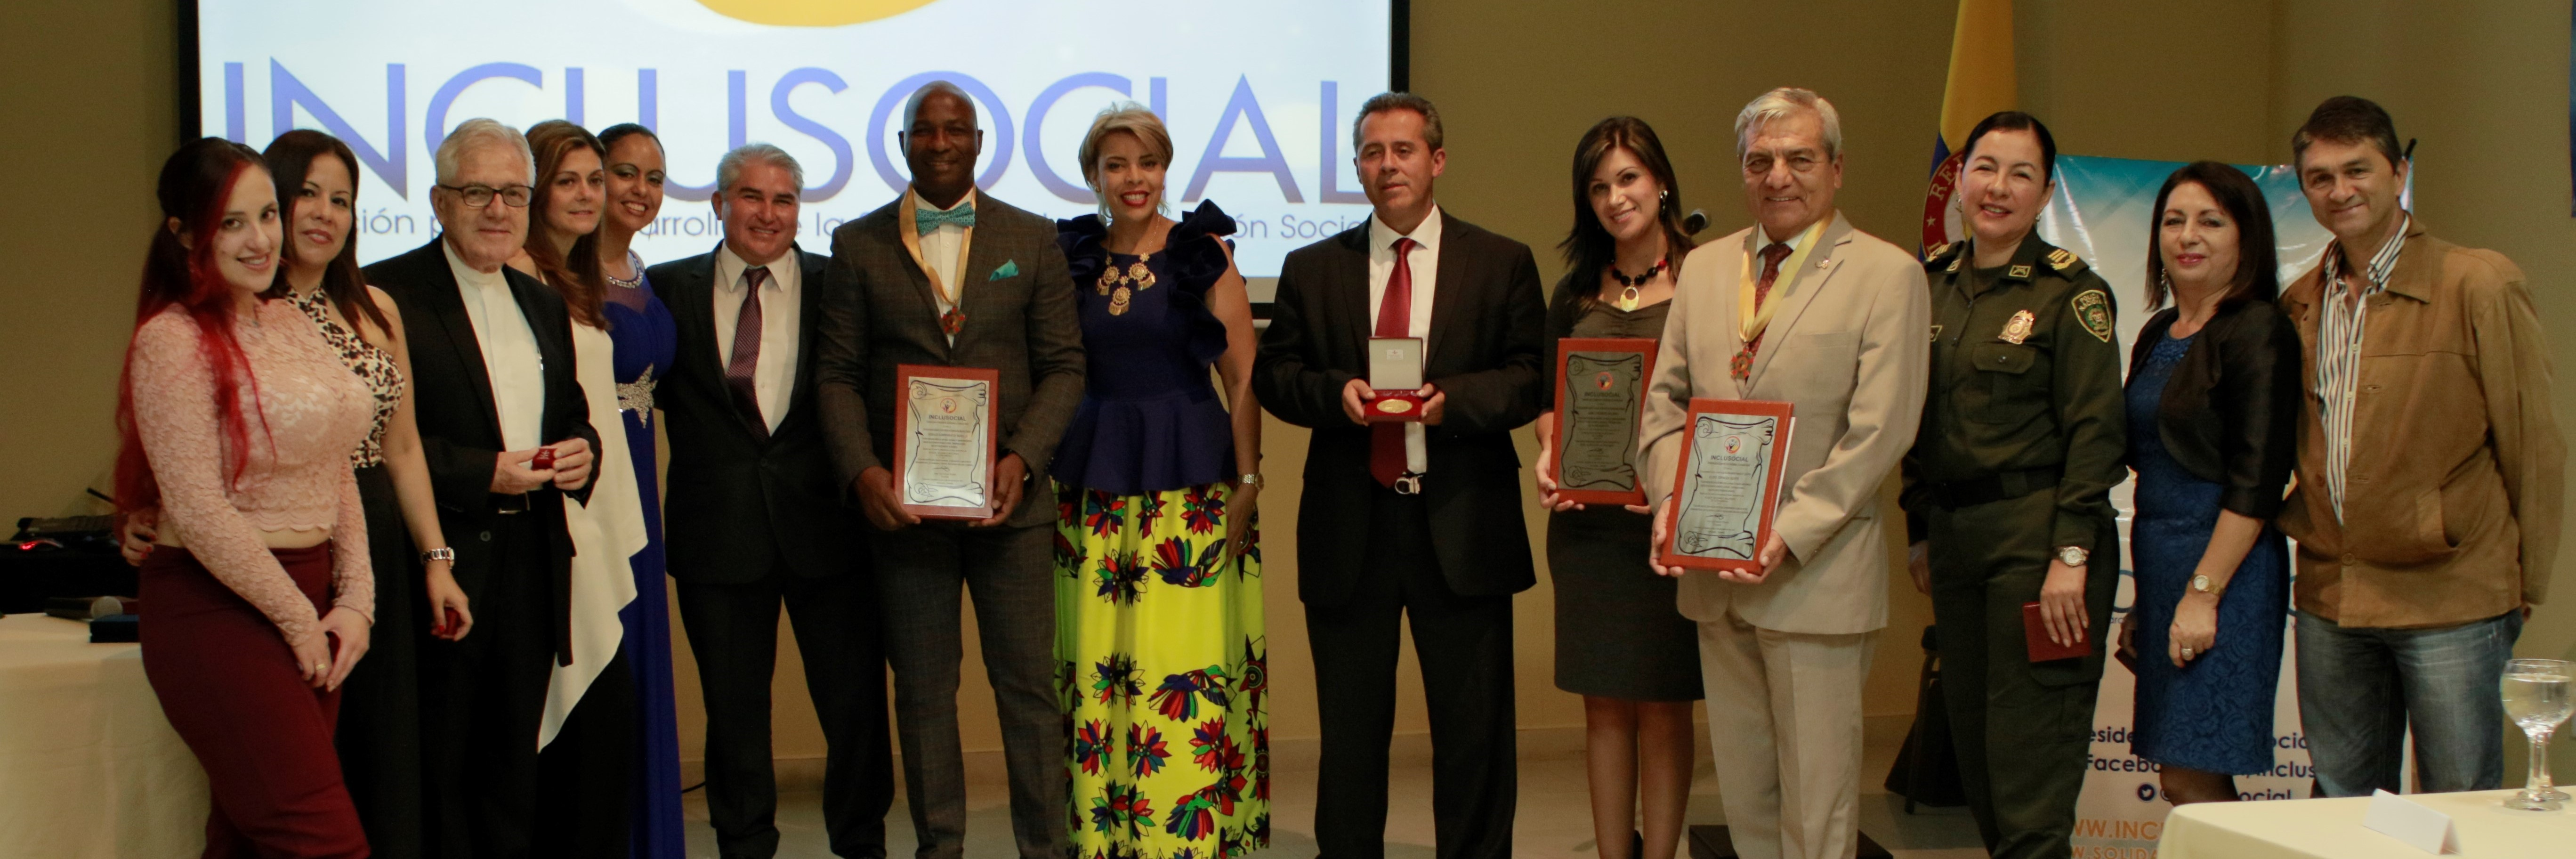 Video Oficial de la ceremonia de premiación Alcalde Solidario e Incluyente de Latinoamérica 2017